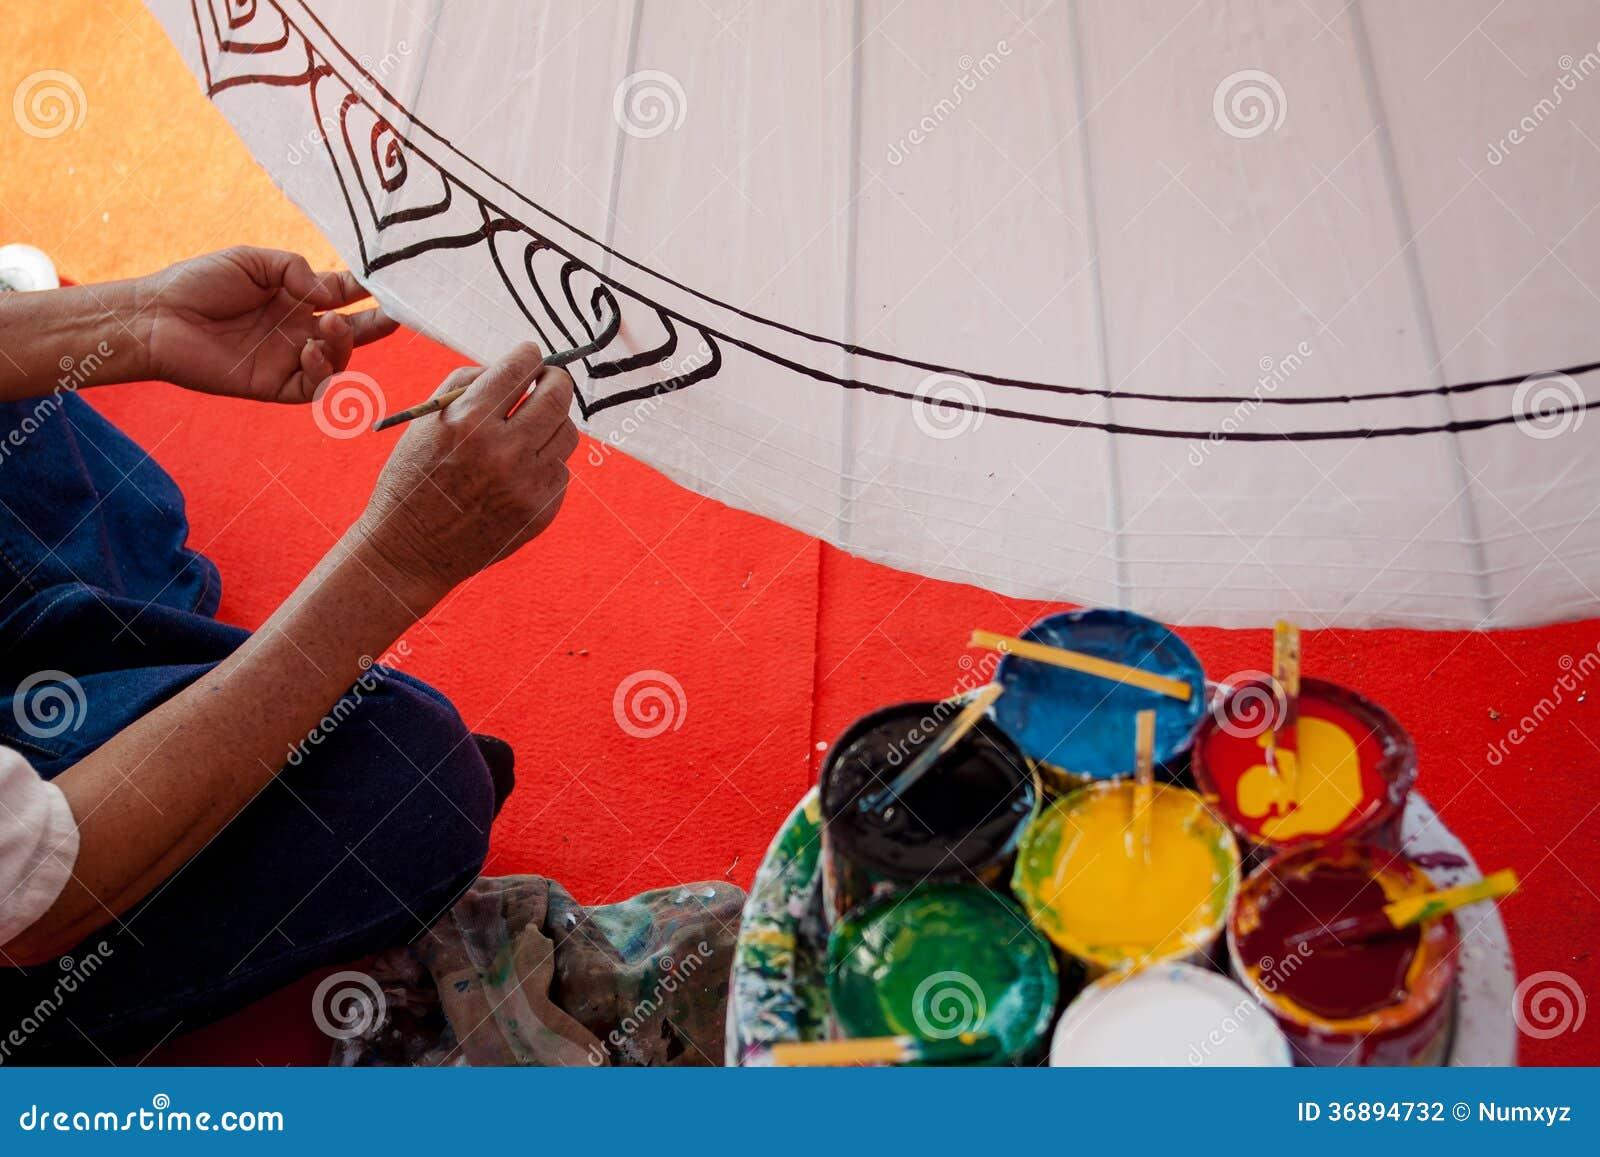 Download La Coloritura Dipinge L'ombrello Fatto Di Carta/di Tessuto. Arti E Fotografia Stock - Immagine di concettuale, colore: 36894732